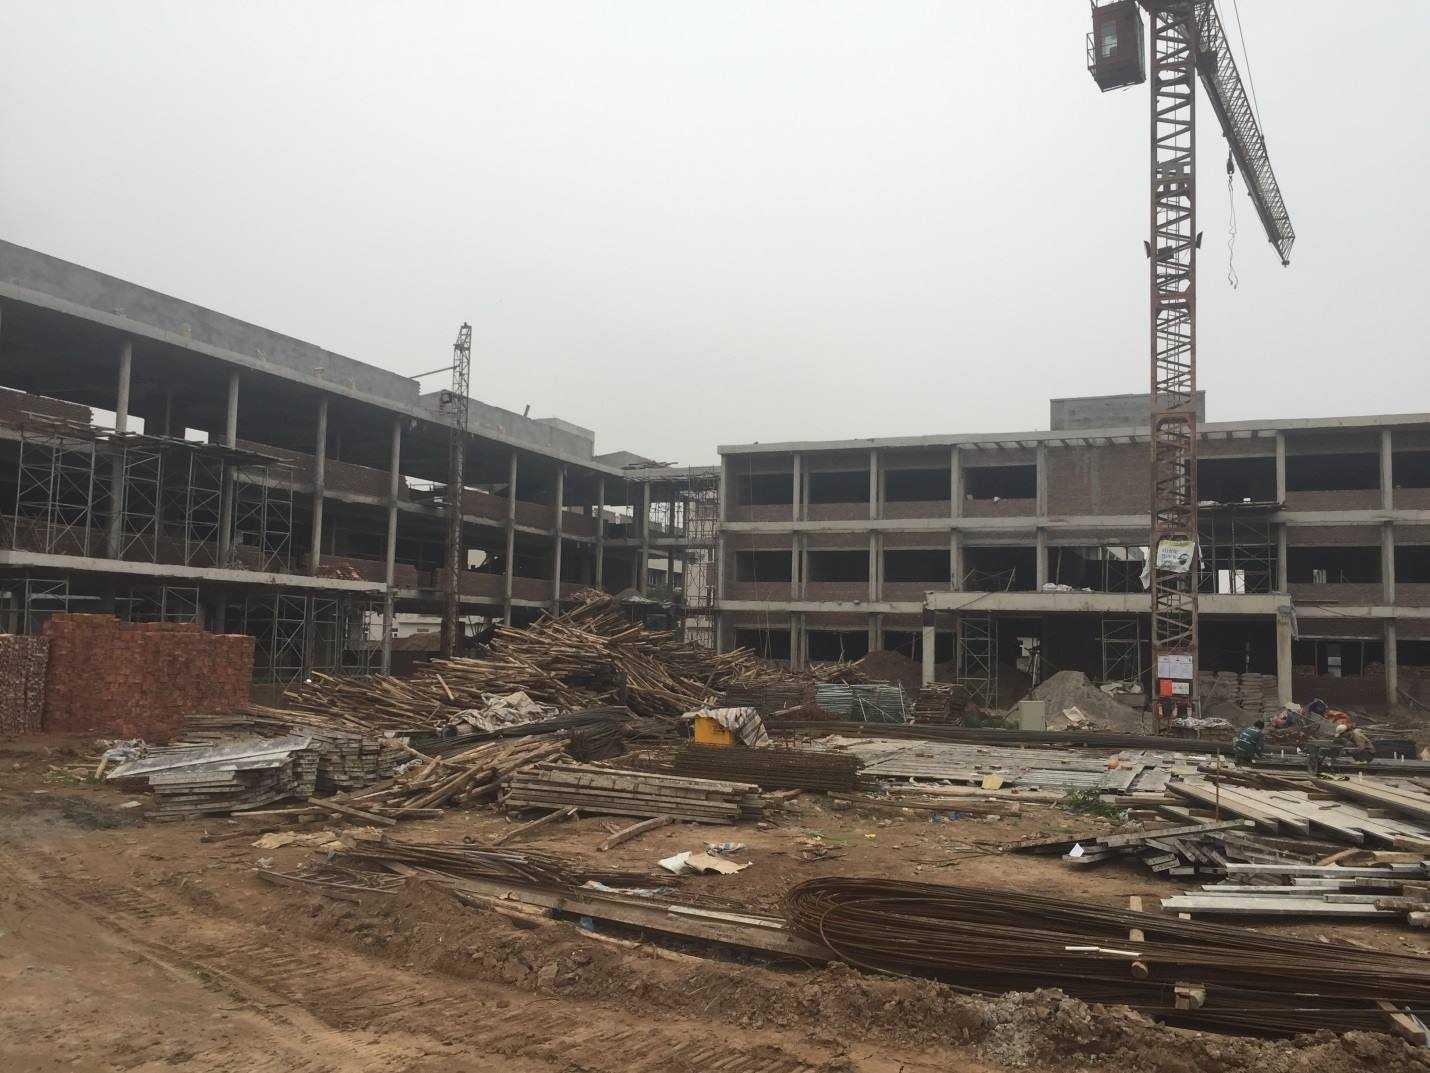 Chủ đầu tư đang khẩn trương đẩy nhanh tiến độ đầu tư xây dựng để hoàn thành Trường Tiểu học An Hưng vào đầu quý II/2016, kịp bàn giao cho địa phương tuyển sinh năm học 2016 - 2017.